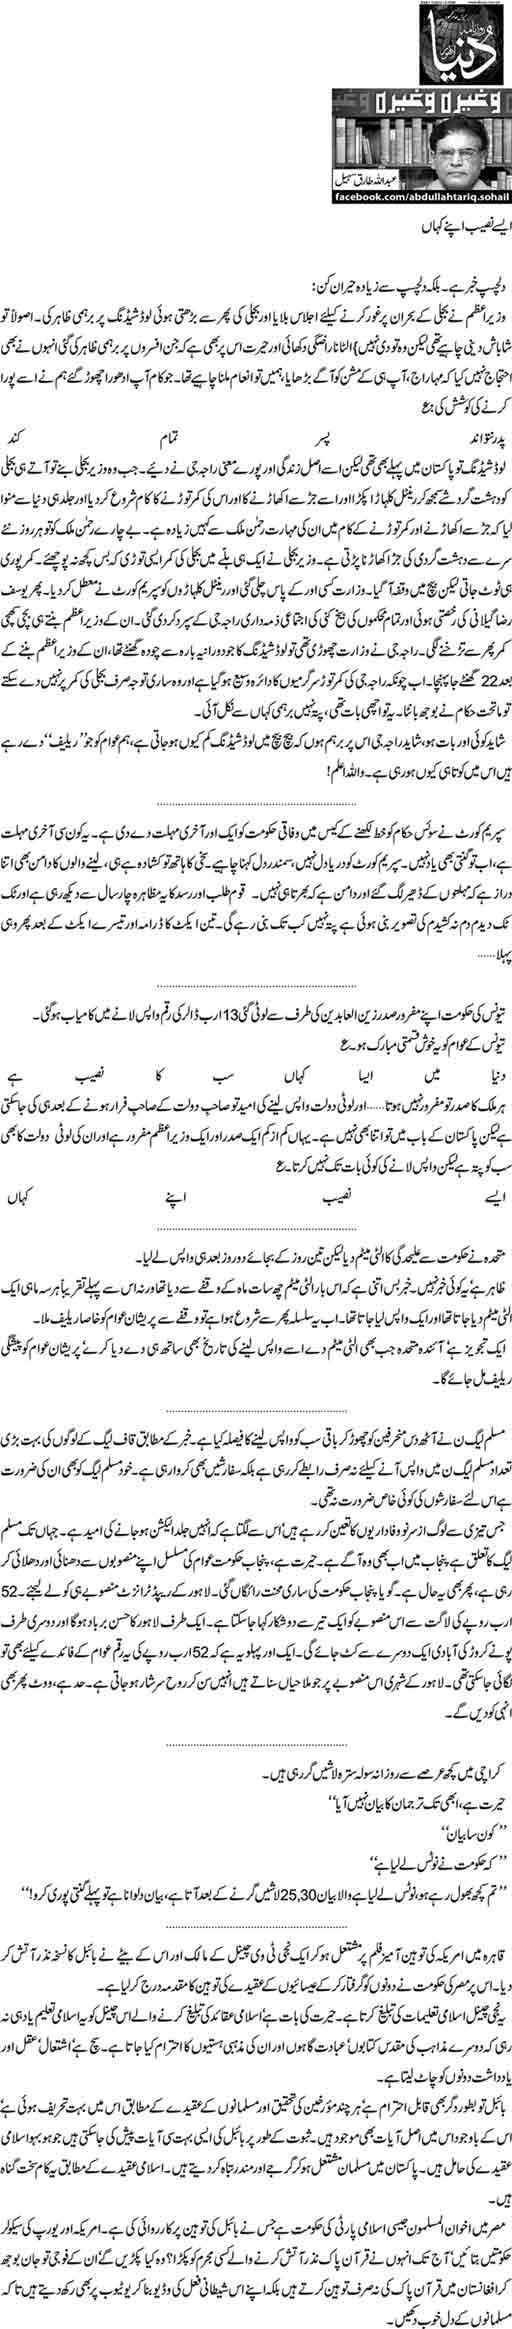 Aisay naseeb apne kahan - Abdullah Tariq Sohail